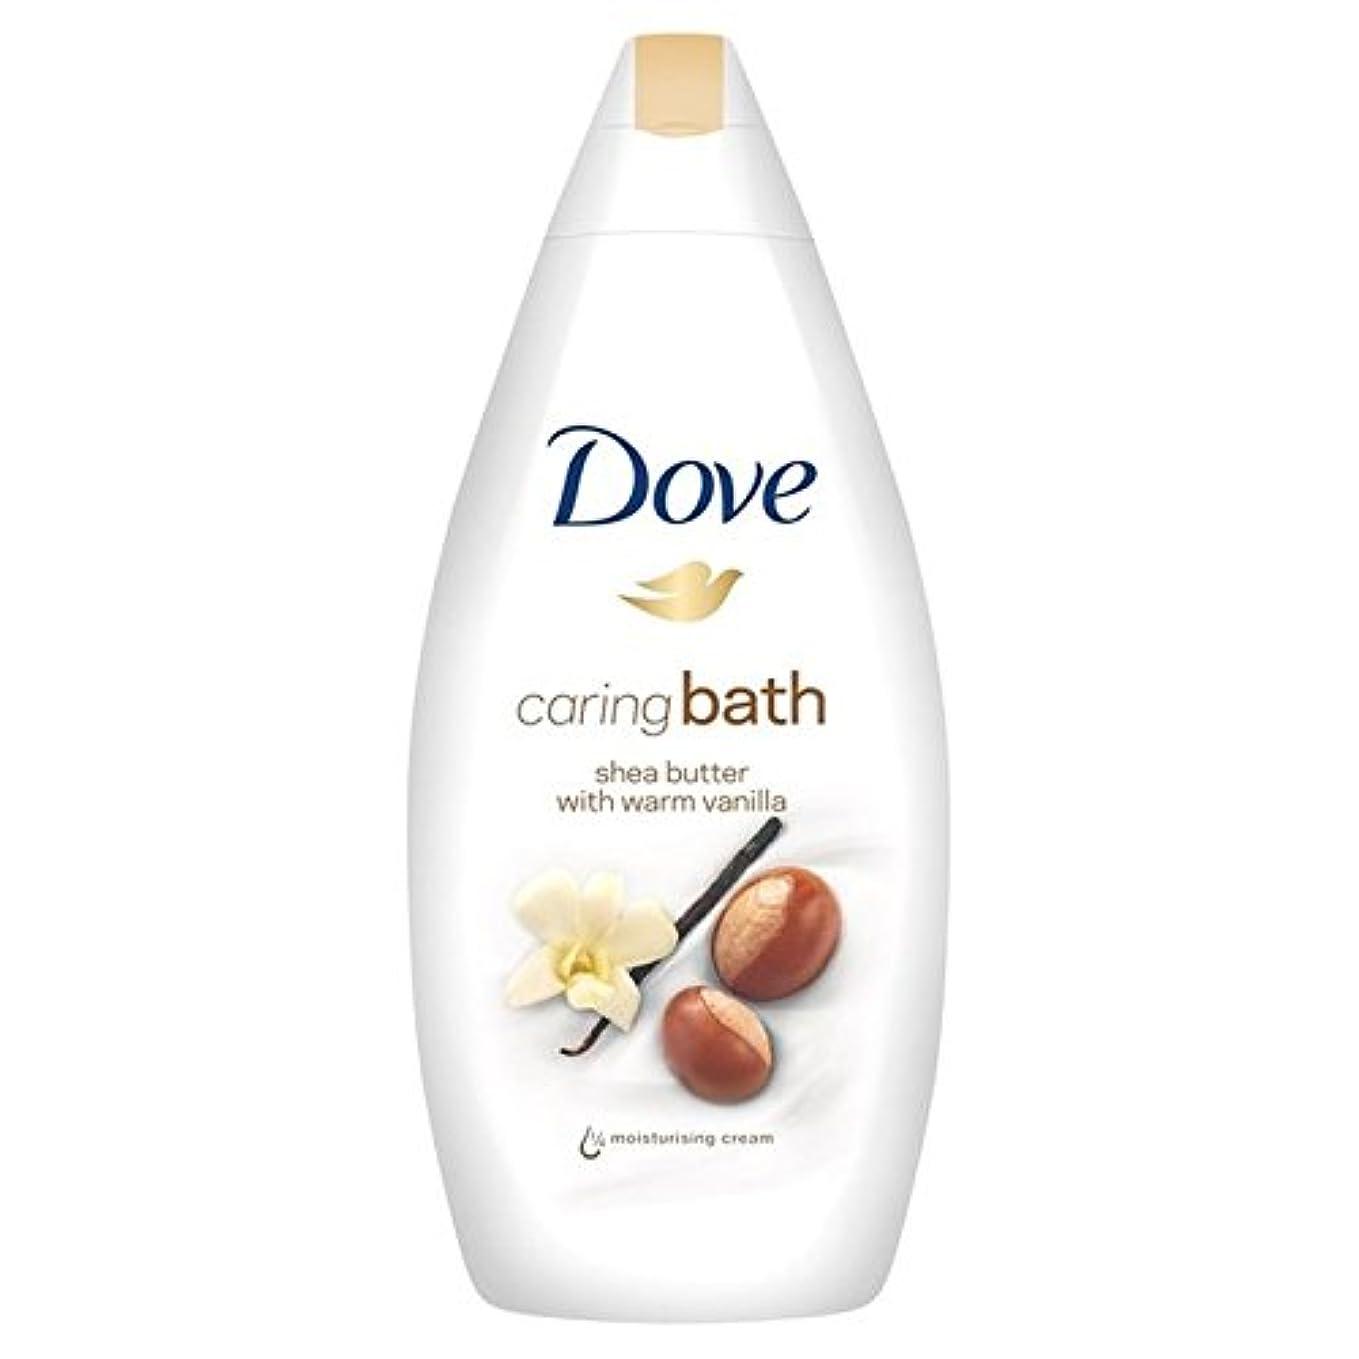 流分岐するポインタDove Purely Pampering Shea Butter Caring Cream Bath 500ml - 鳩純粋な贅沢シアバター思いやりのあるクリームバス500ミリリットル [並行輸入品]